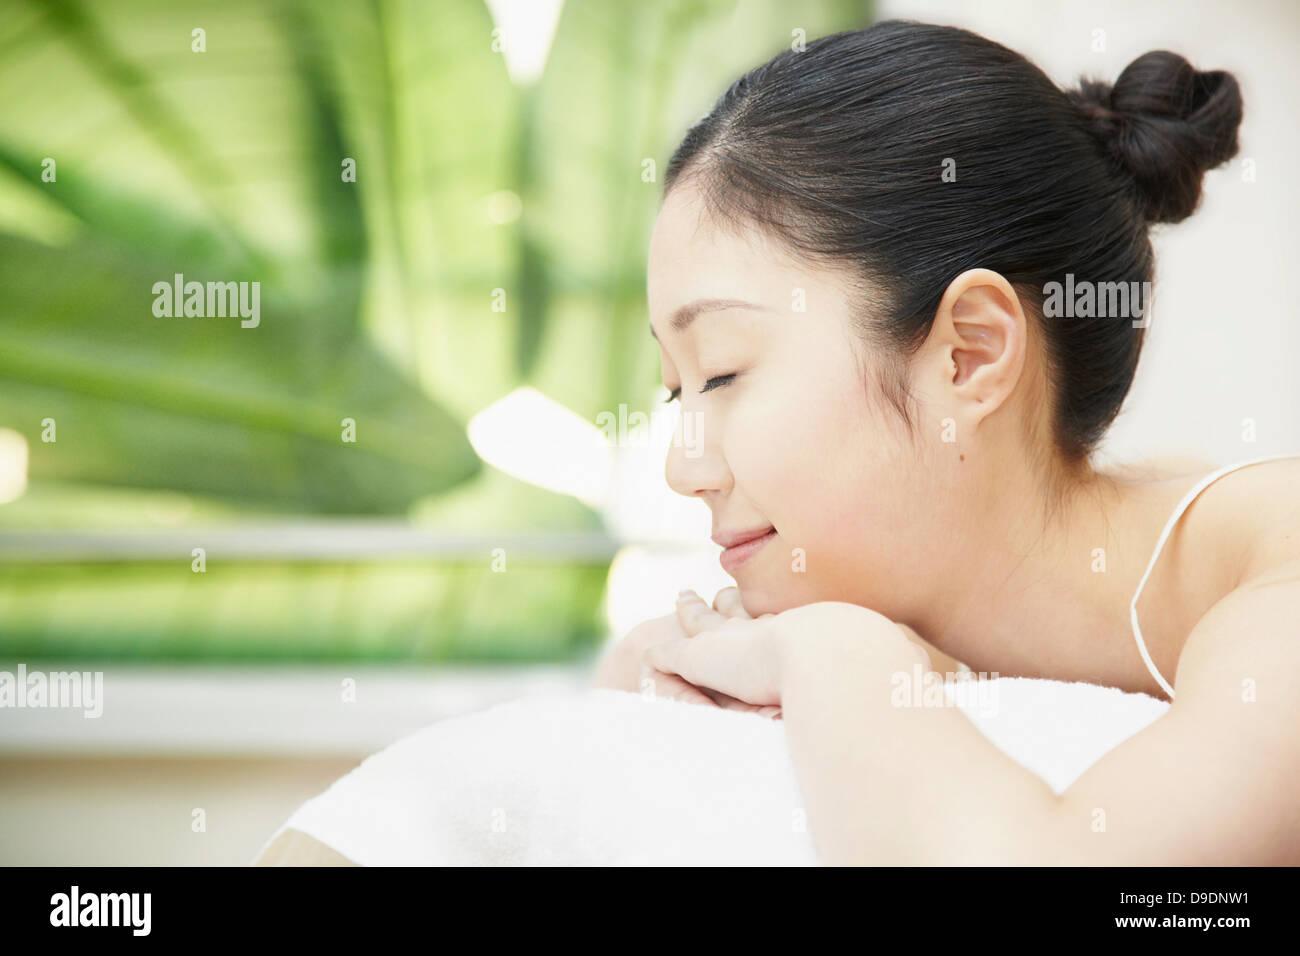 Femme avec cheveux bun située sur l'avant Photo Stock